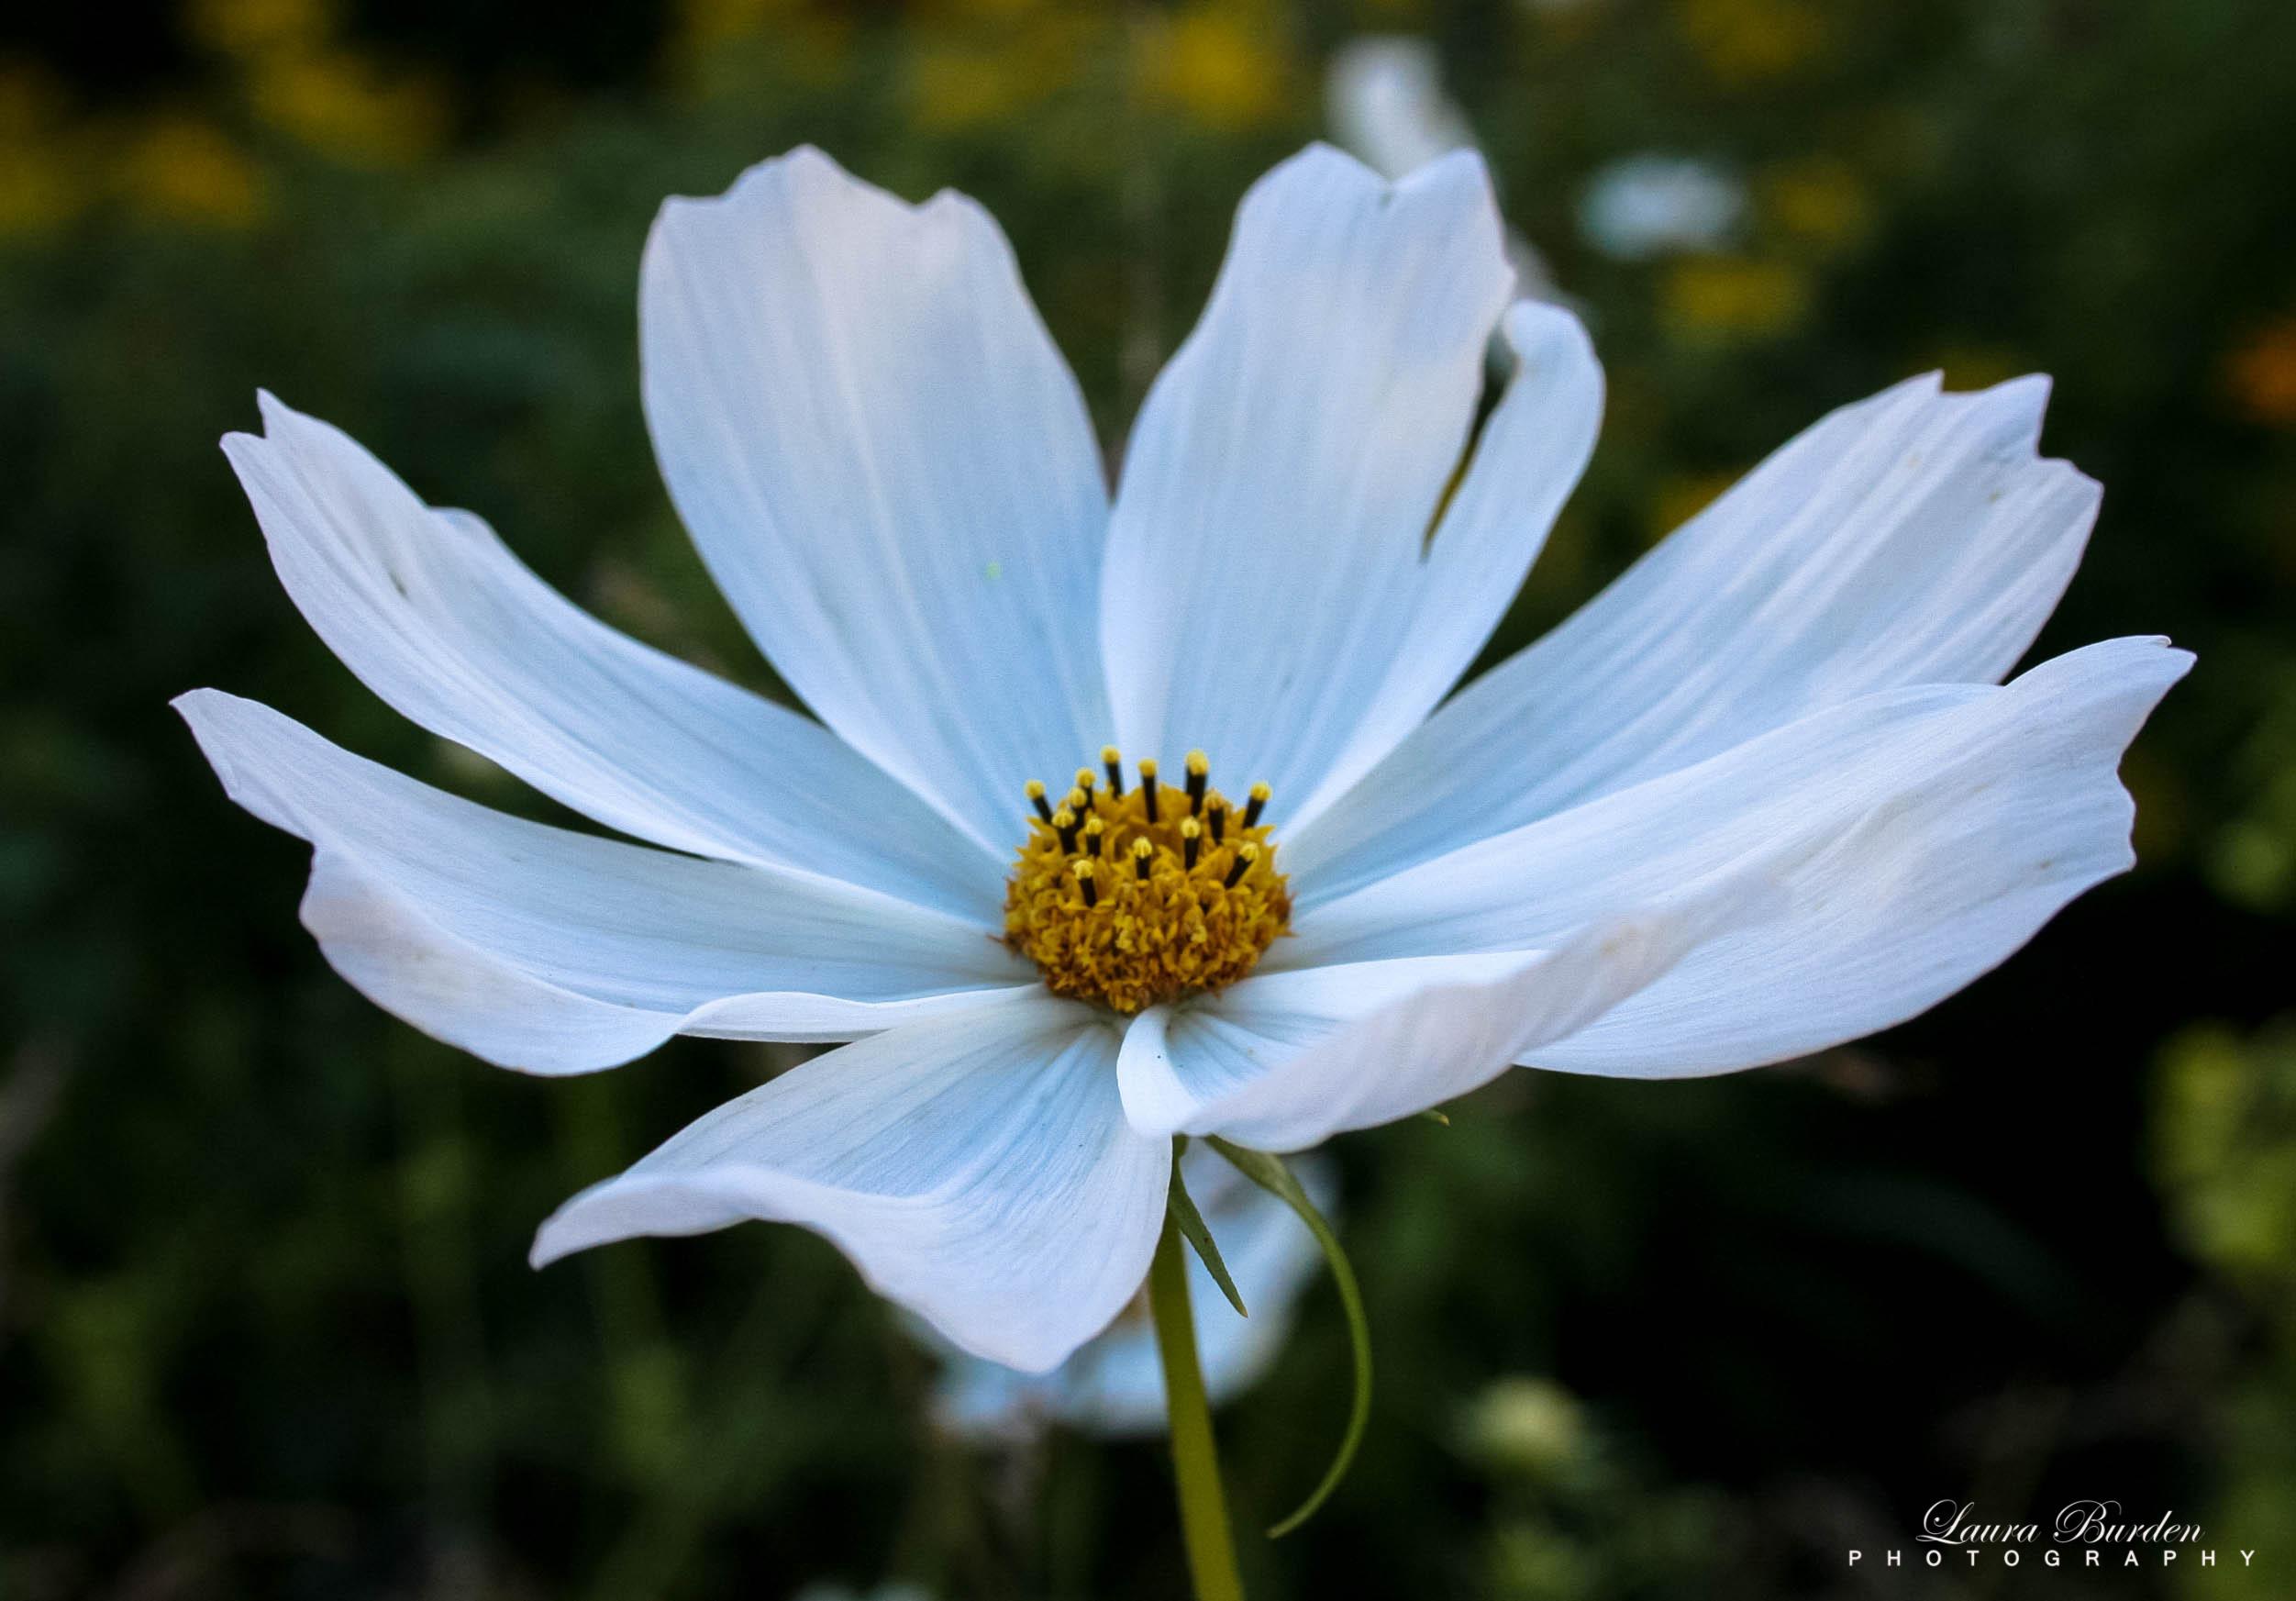 Masaüstü Boyama Yapraklar Beyaz Doğa Alan Fotoğraf Kapatmak